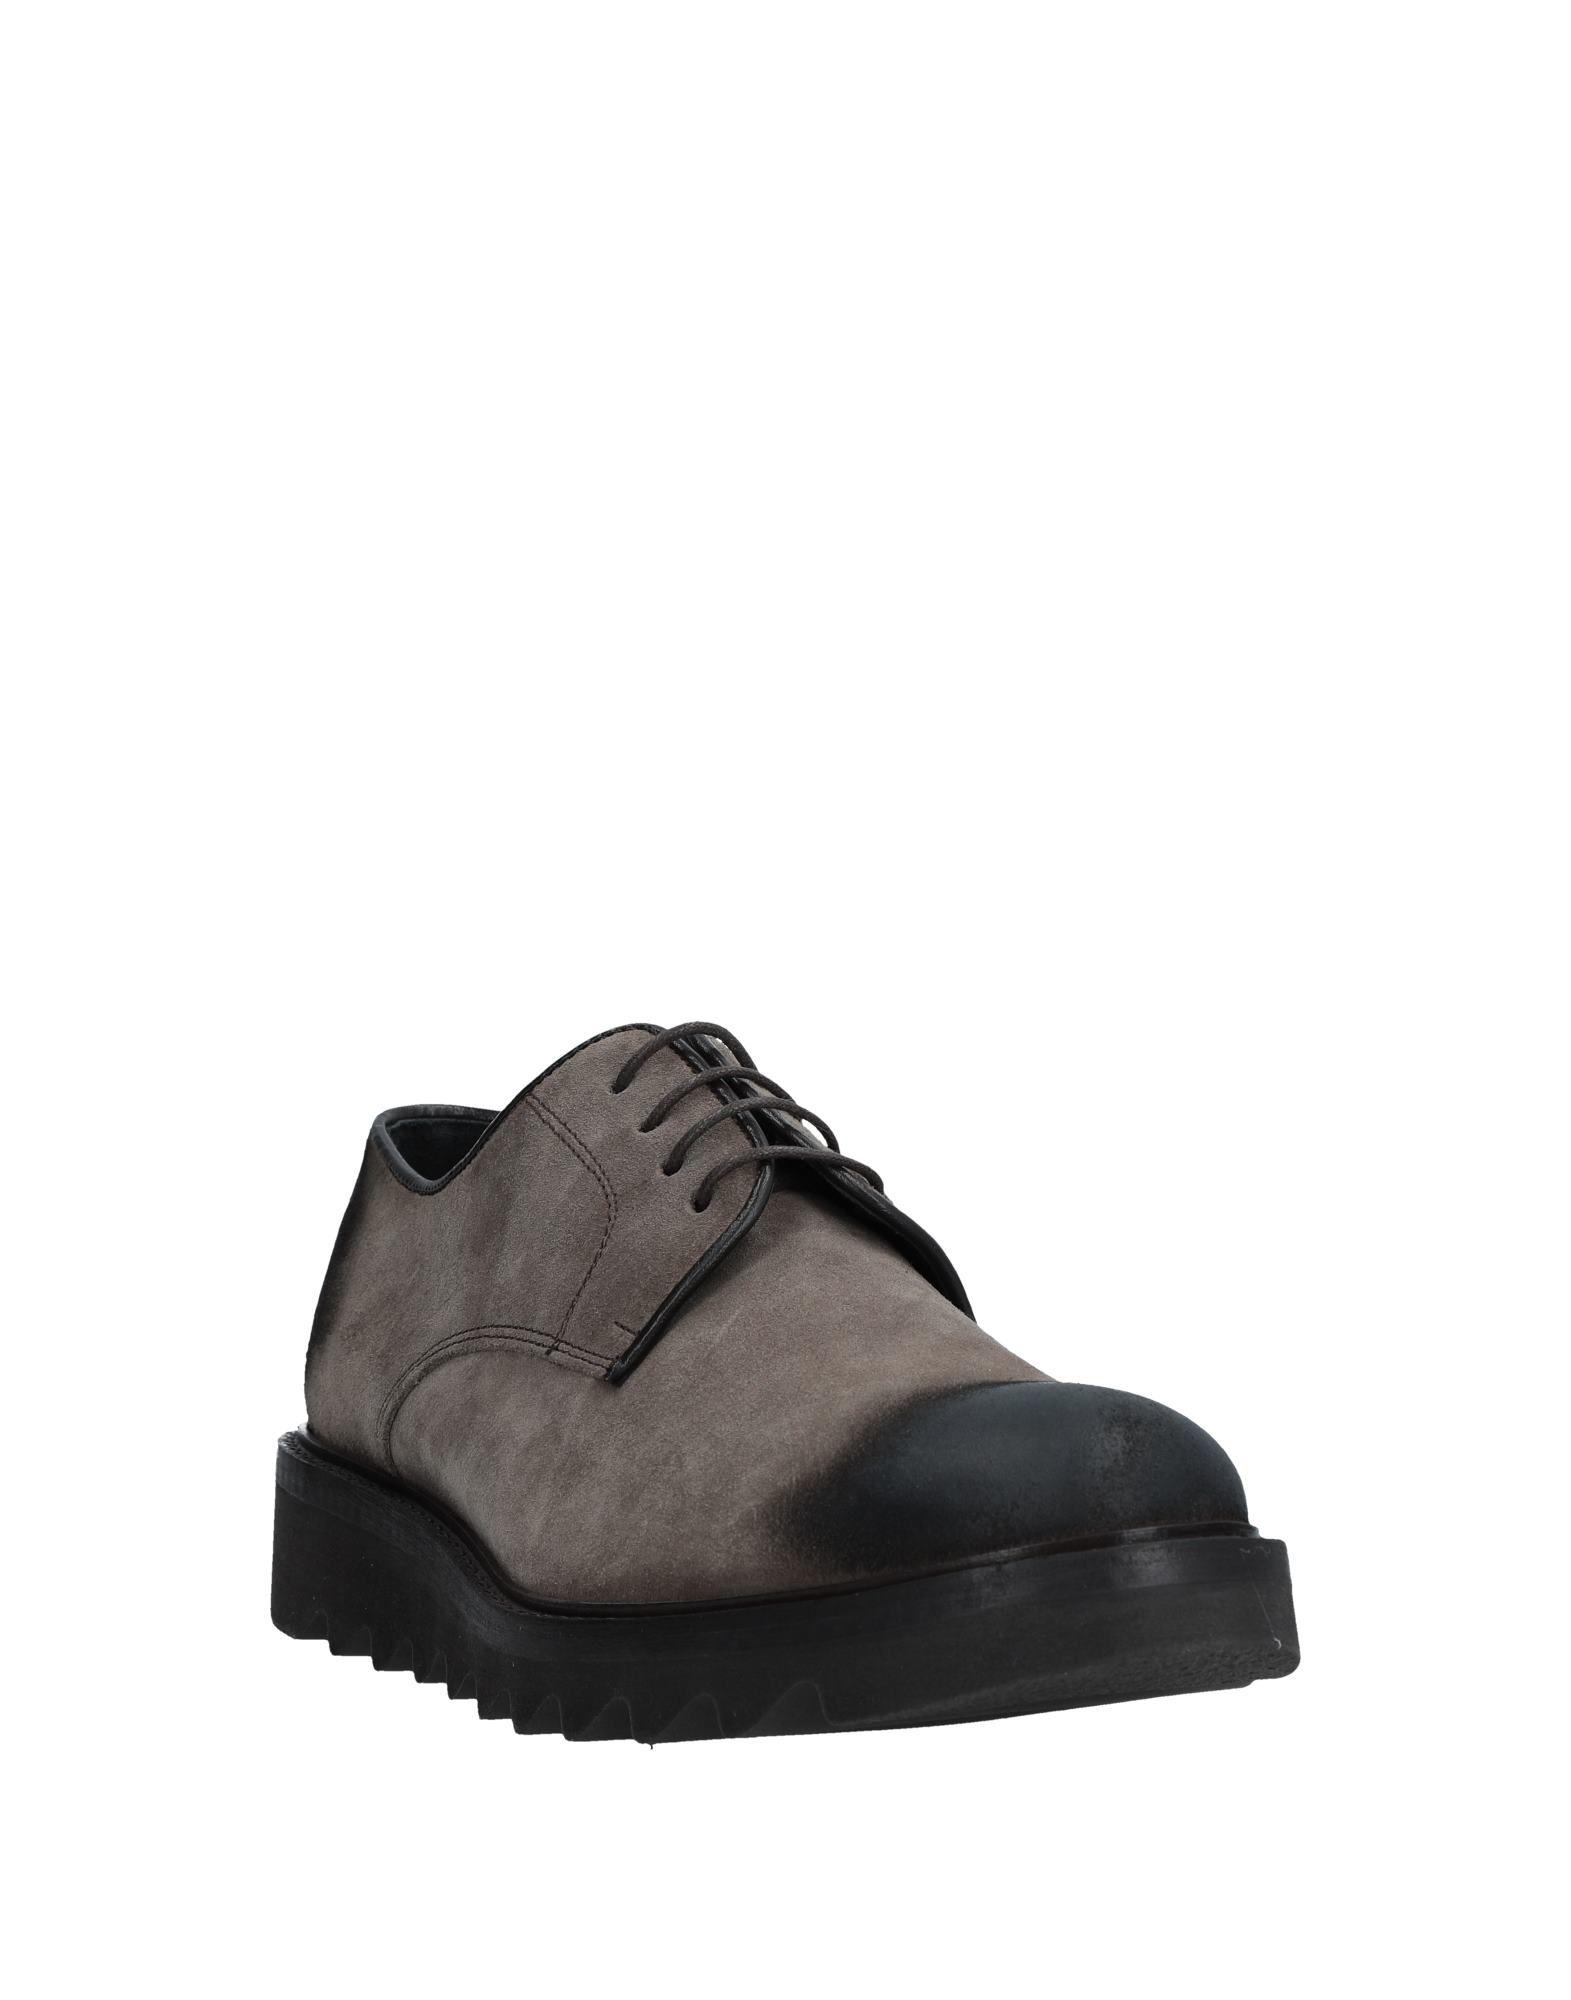 Bottega Marchigiana Schnürschuhe Herren  11541775JW Gute Qualität beliebte Schuhe